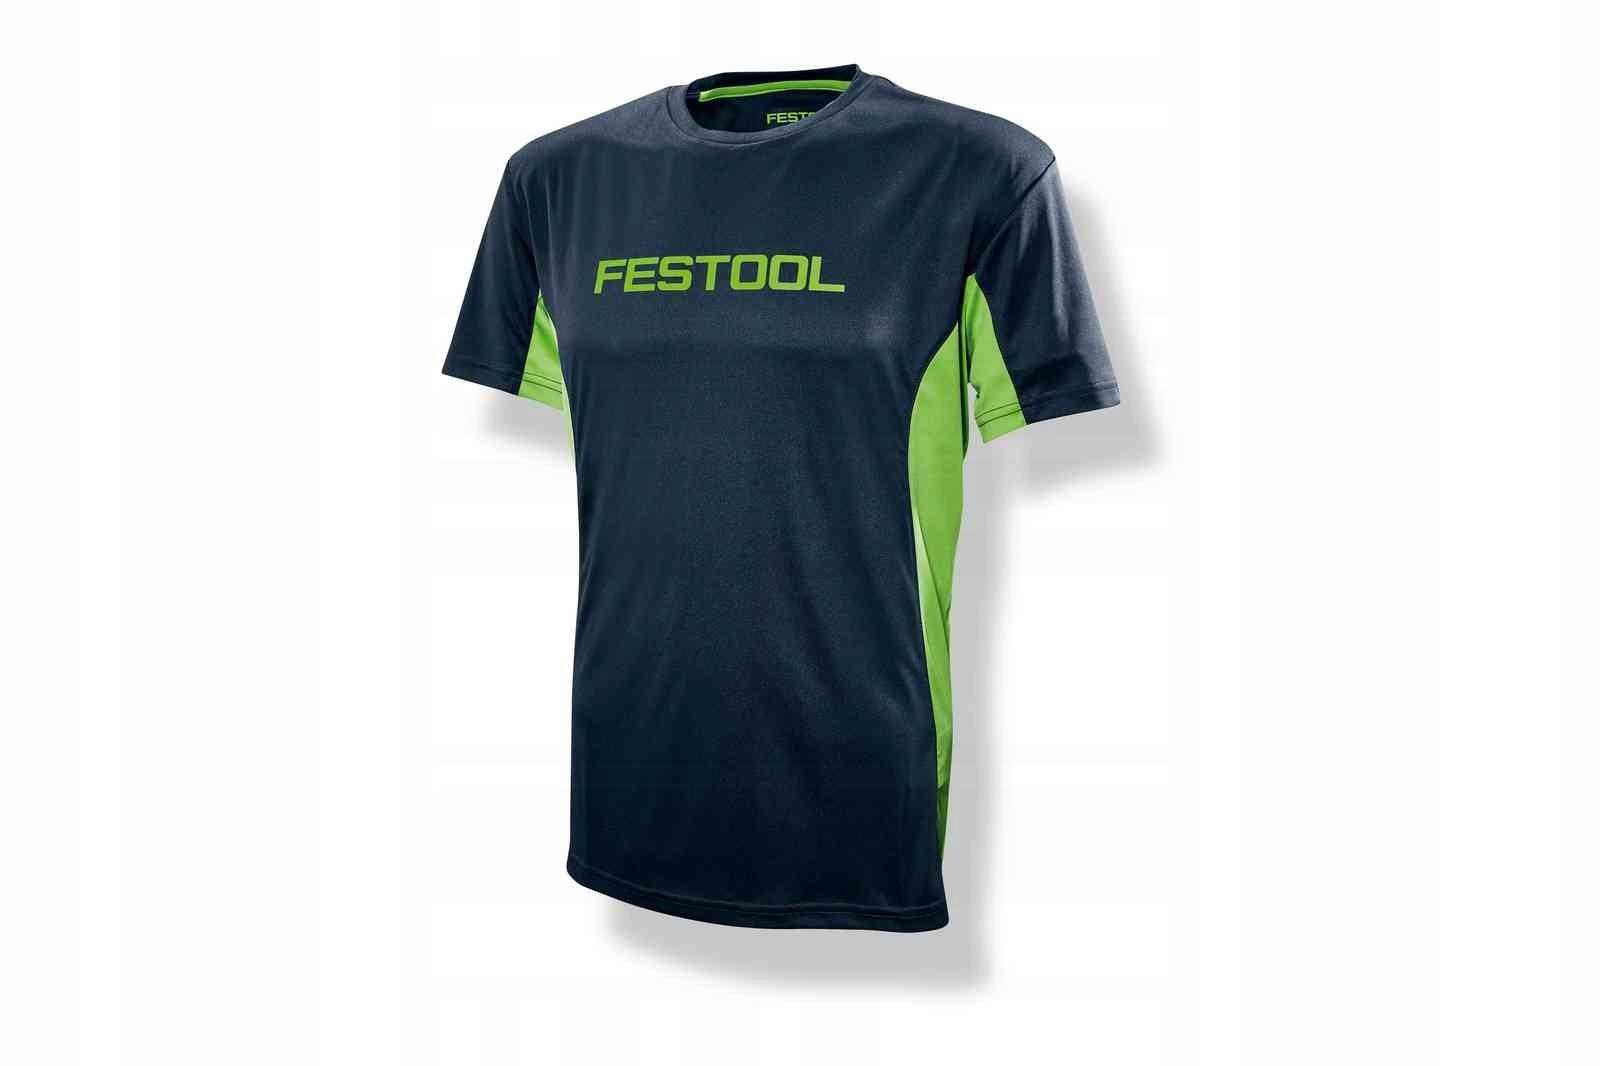 FESTOOL Тенниска мужская XL 204005